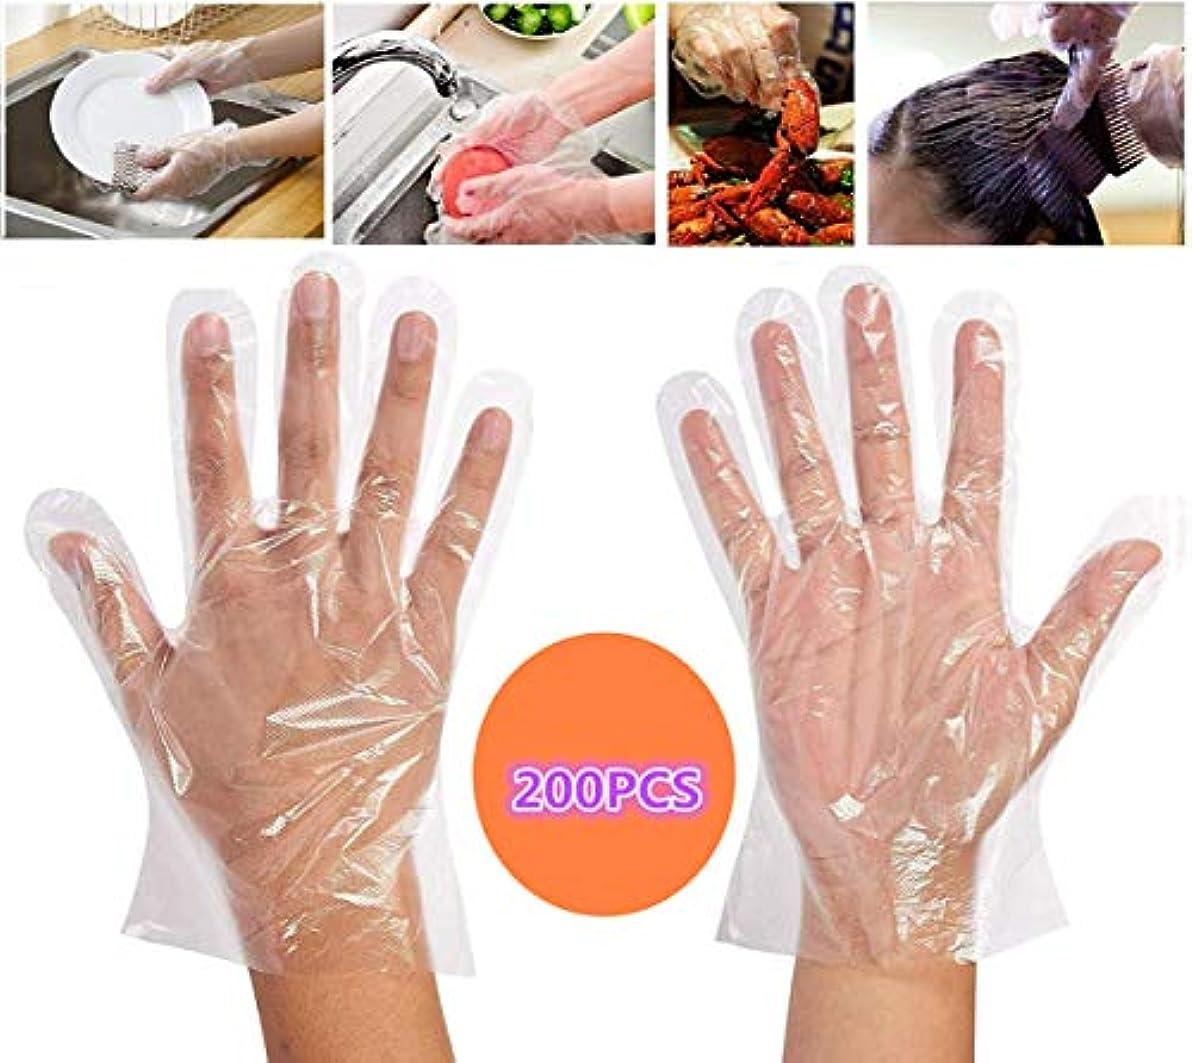 マイクロフォンベールはしごAnt-Tree 使い捨て手袋プラスチック肥厚エステサロンケータリング家庭用防油透明実用健康200枚